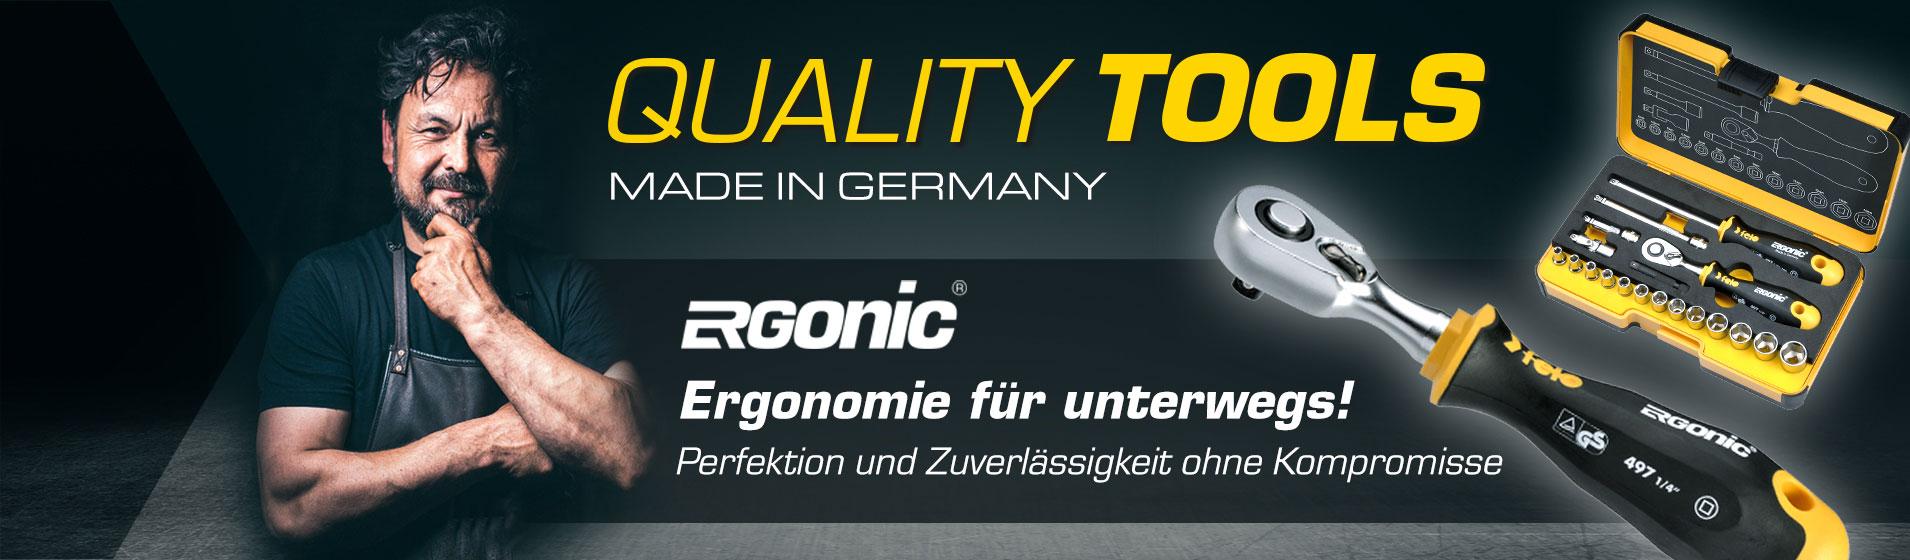 [Translate to RO:] FELO R-GO - Ergonomische Werkzeugset für unterwegs